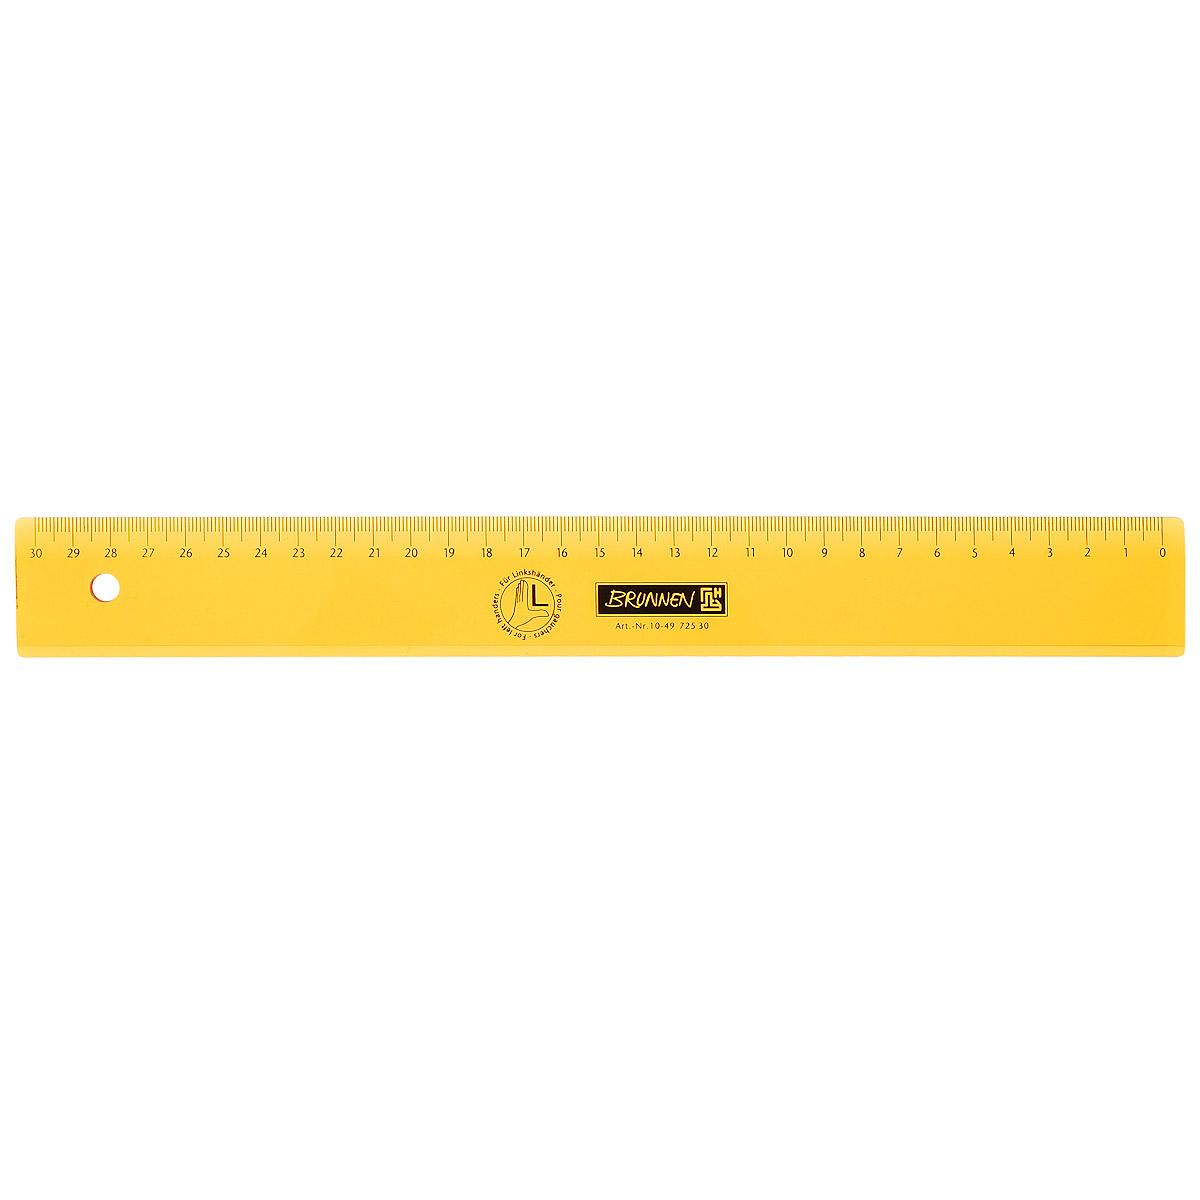 Линейка для левши Brunnen, цвет: желтый, 30 см62178_желтыйЛинейка Brunnen, длиной 30 см, выполнена из прозрачного пластика желтого цвета. Линейка предназначена специально для левшей. Шкала на линейке расположена справа налево. Линейка Brunnen - это незаменимый атрибут, необходимый школьнику или студенту, упрощающий измерение и обеспечивающий ровность проводимых линий.